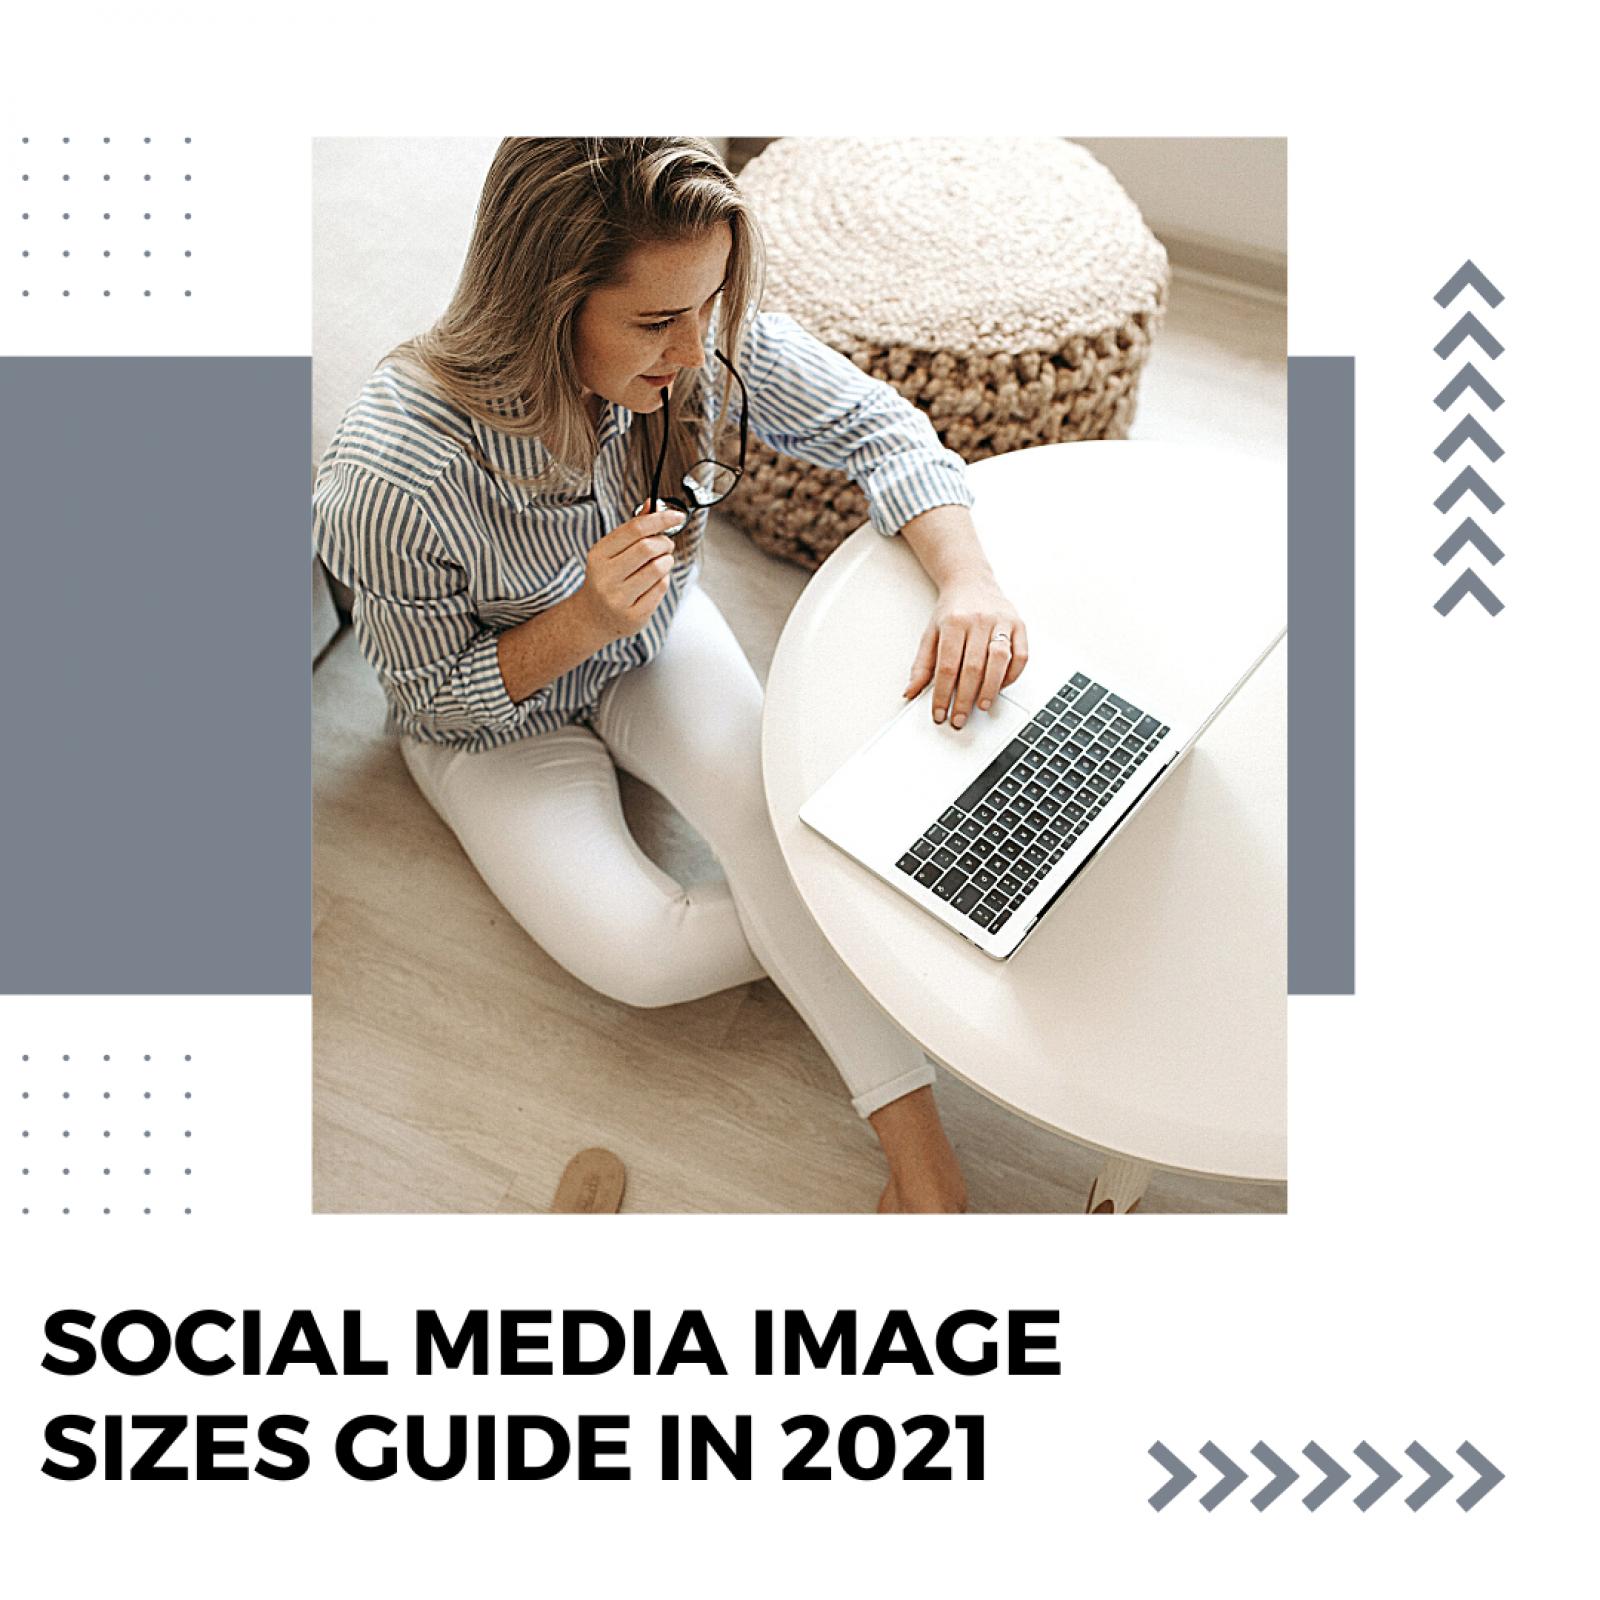 Social Media Image Sizes Guide in 2021